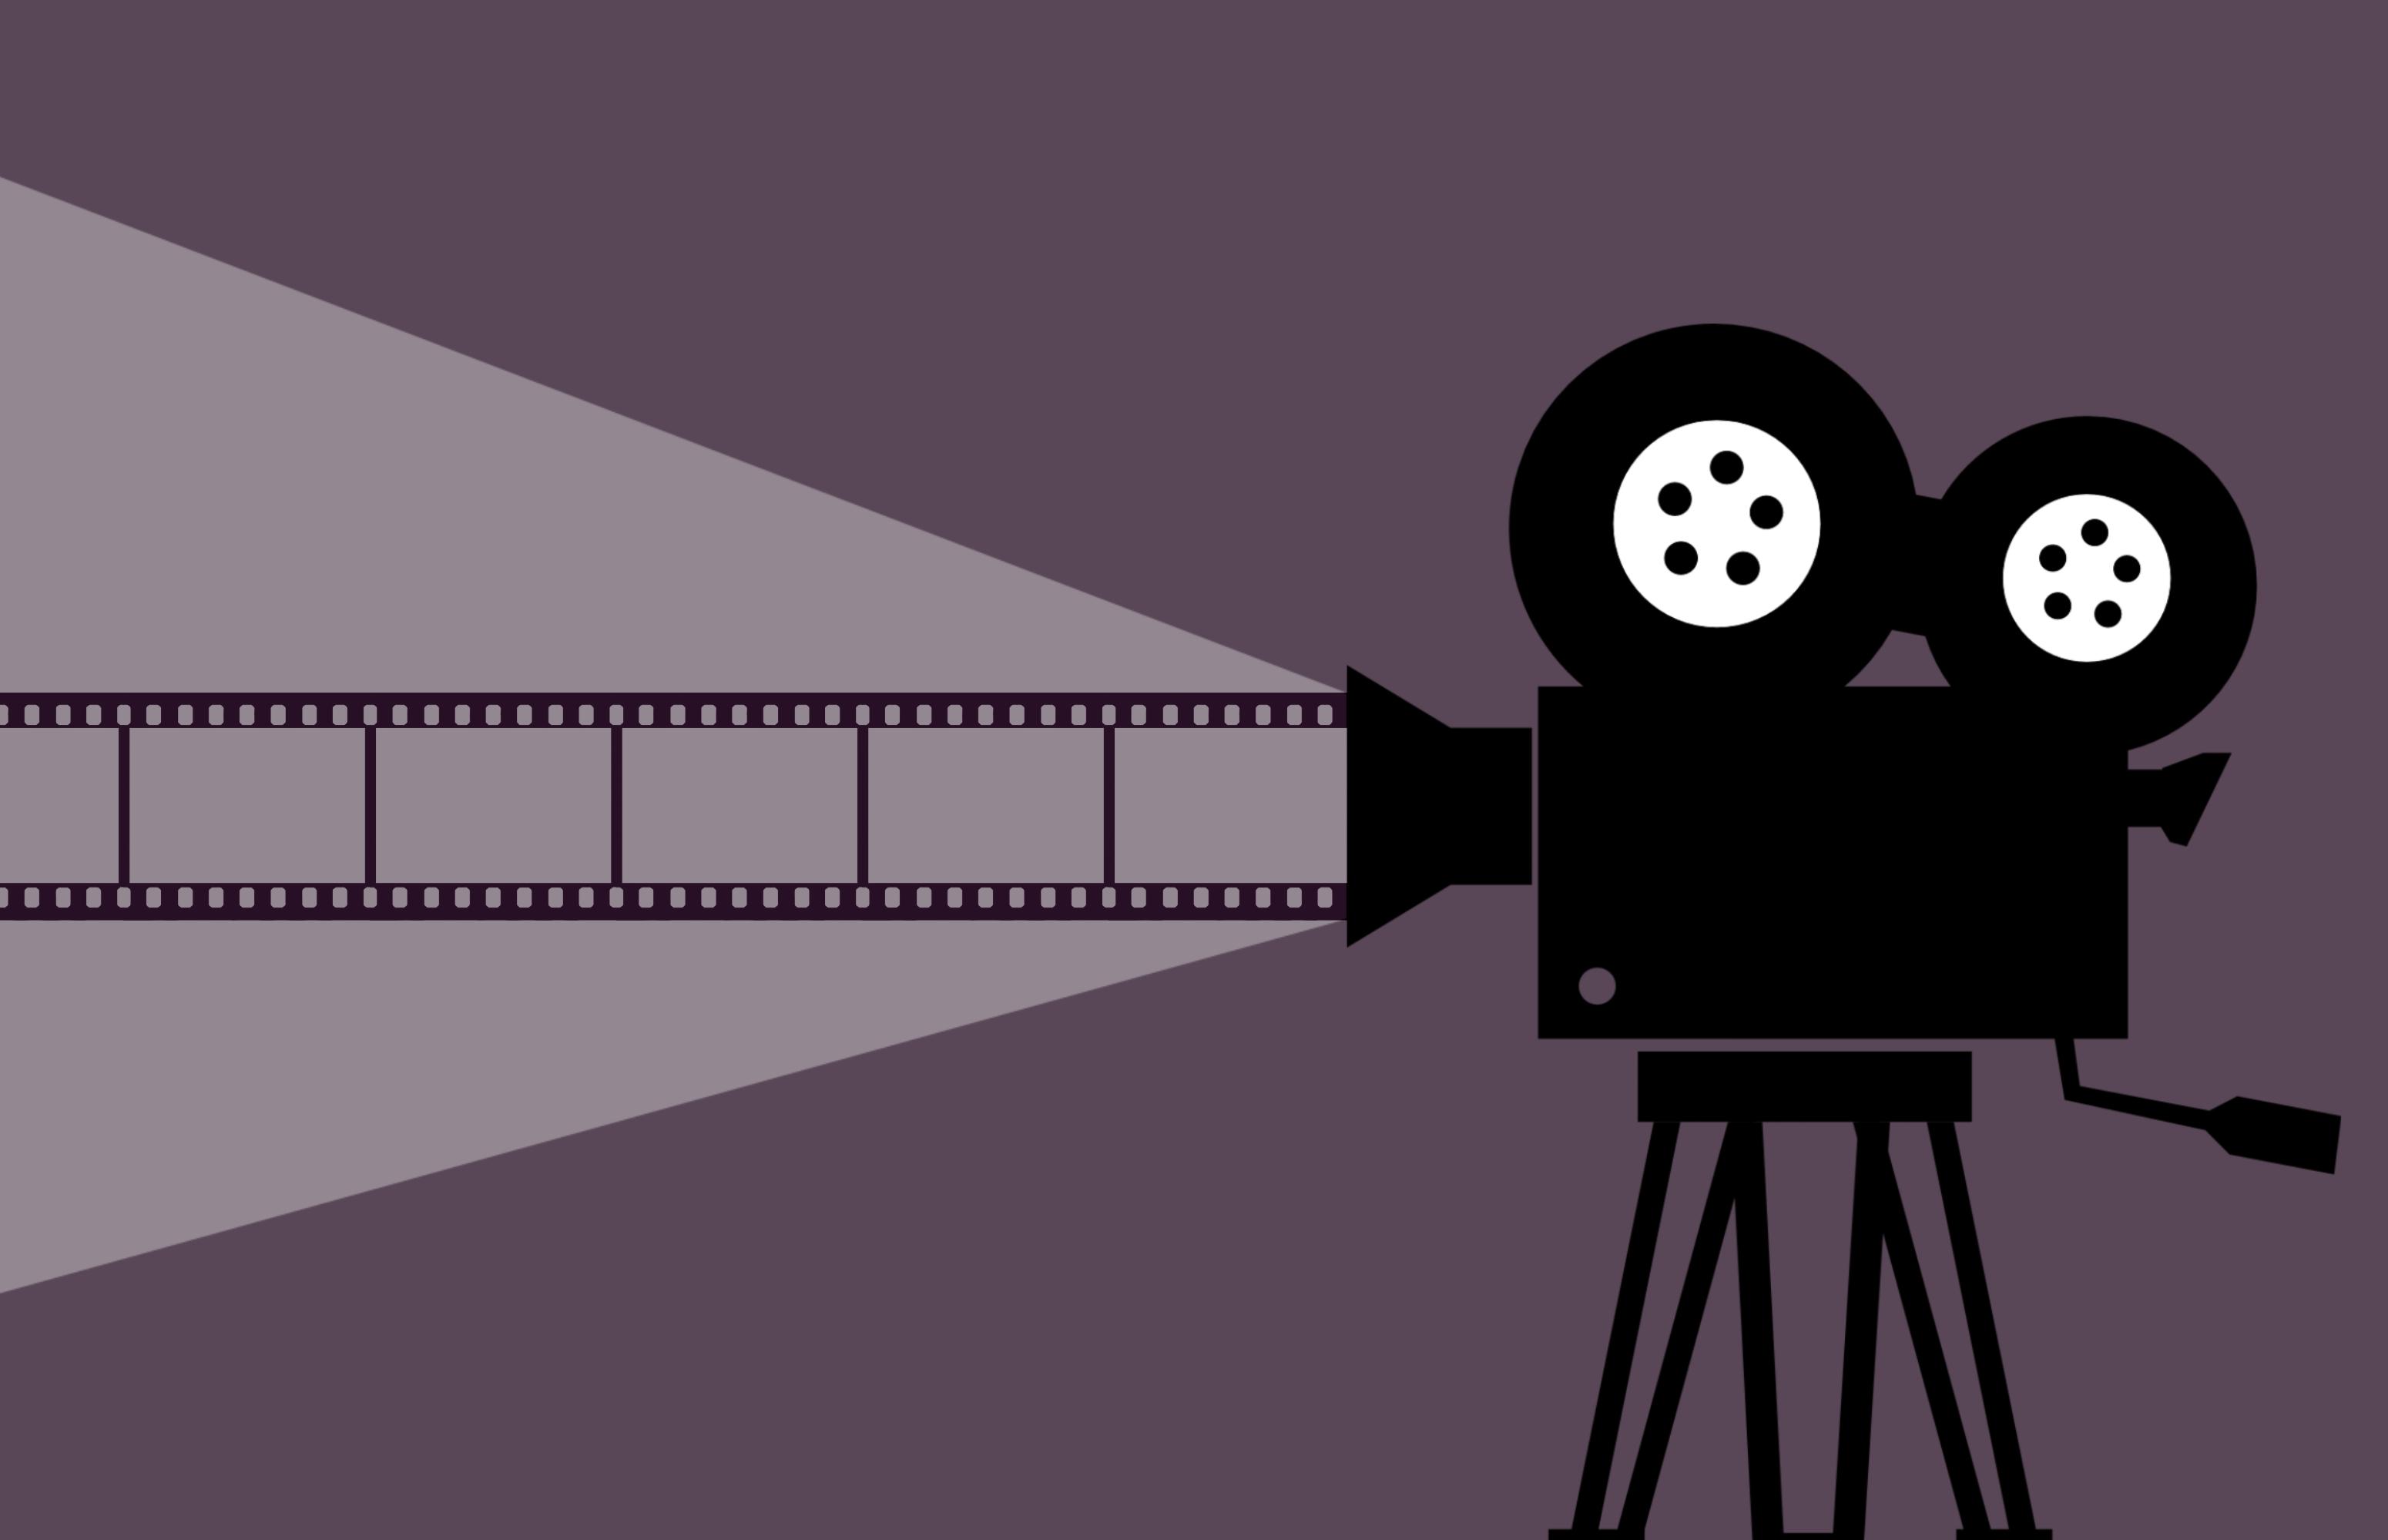 Gambar Bioskop Kamera Proyektor Video Klip Produksi